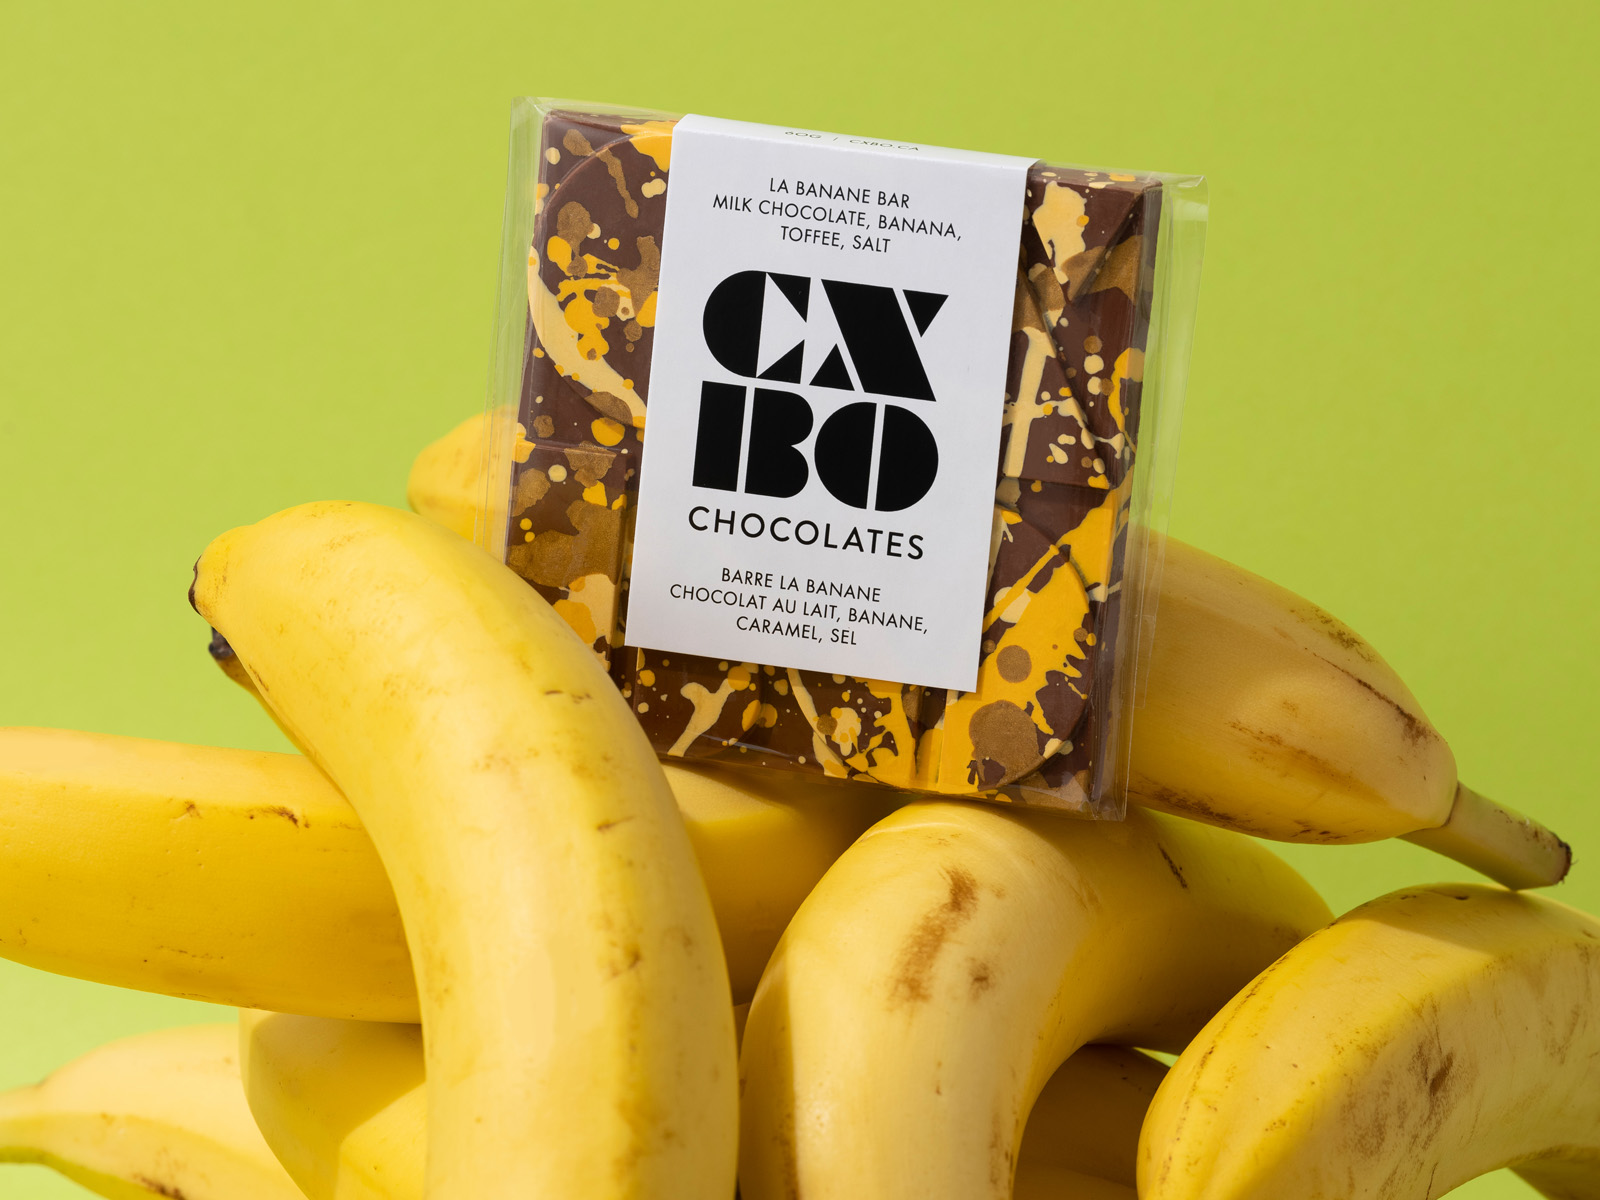 CXBO Banana Bar